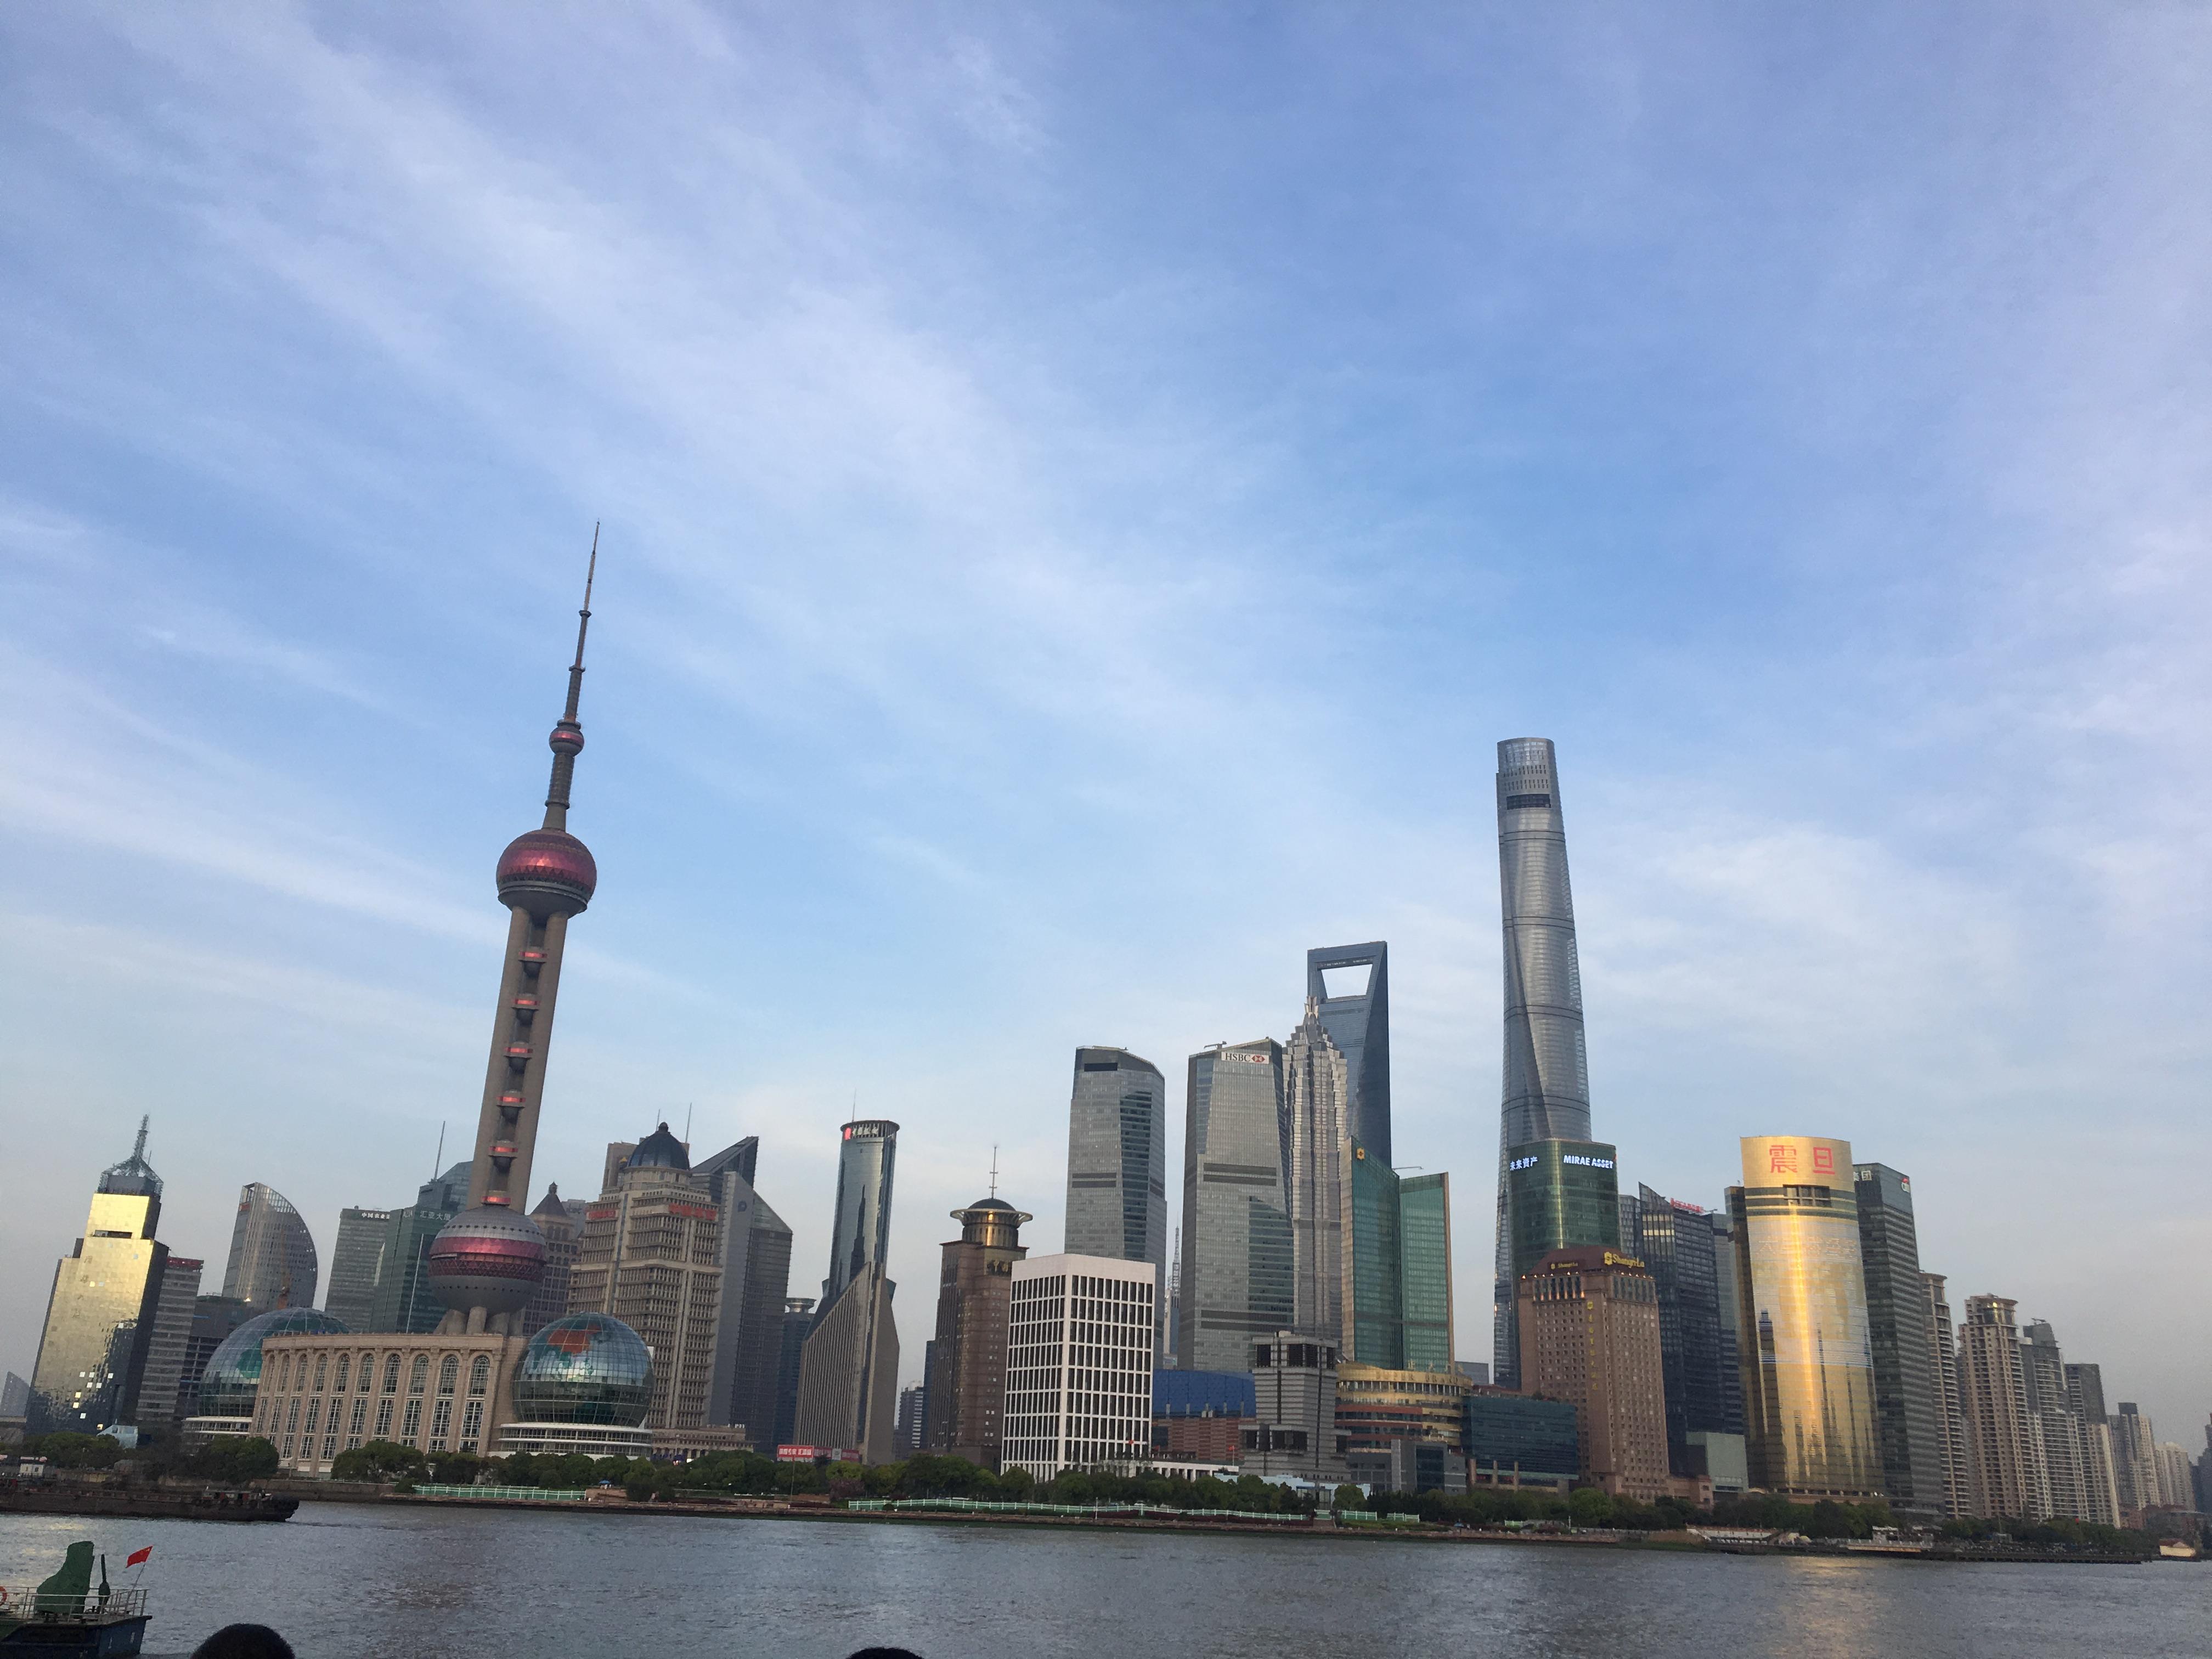 中国区 Hyatt、Hilton、Fairmont 酒店十日巡游